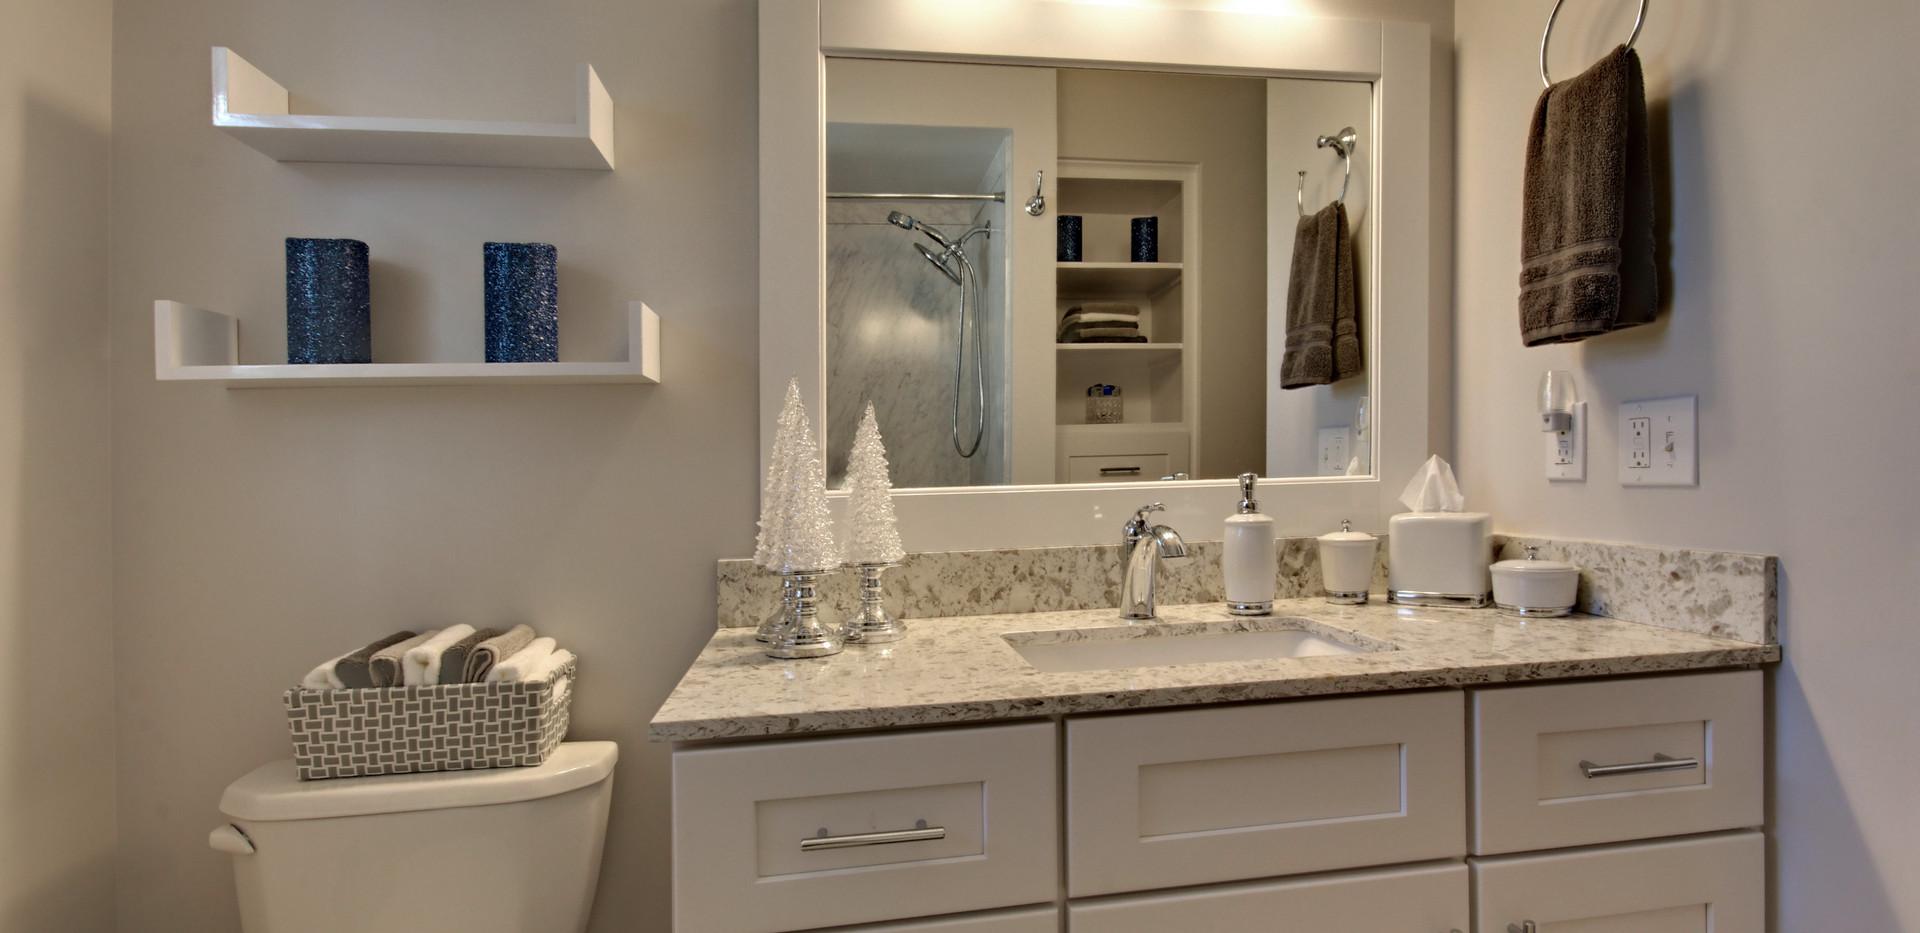 Vanity view of full bathroom remodel in Grandville